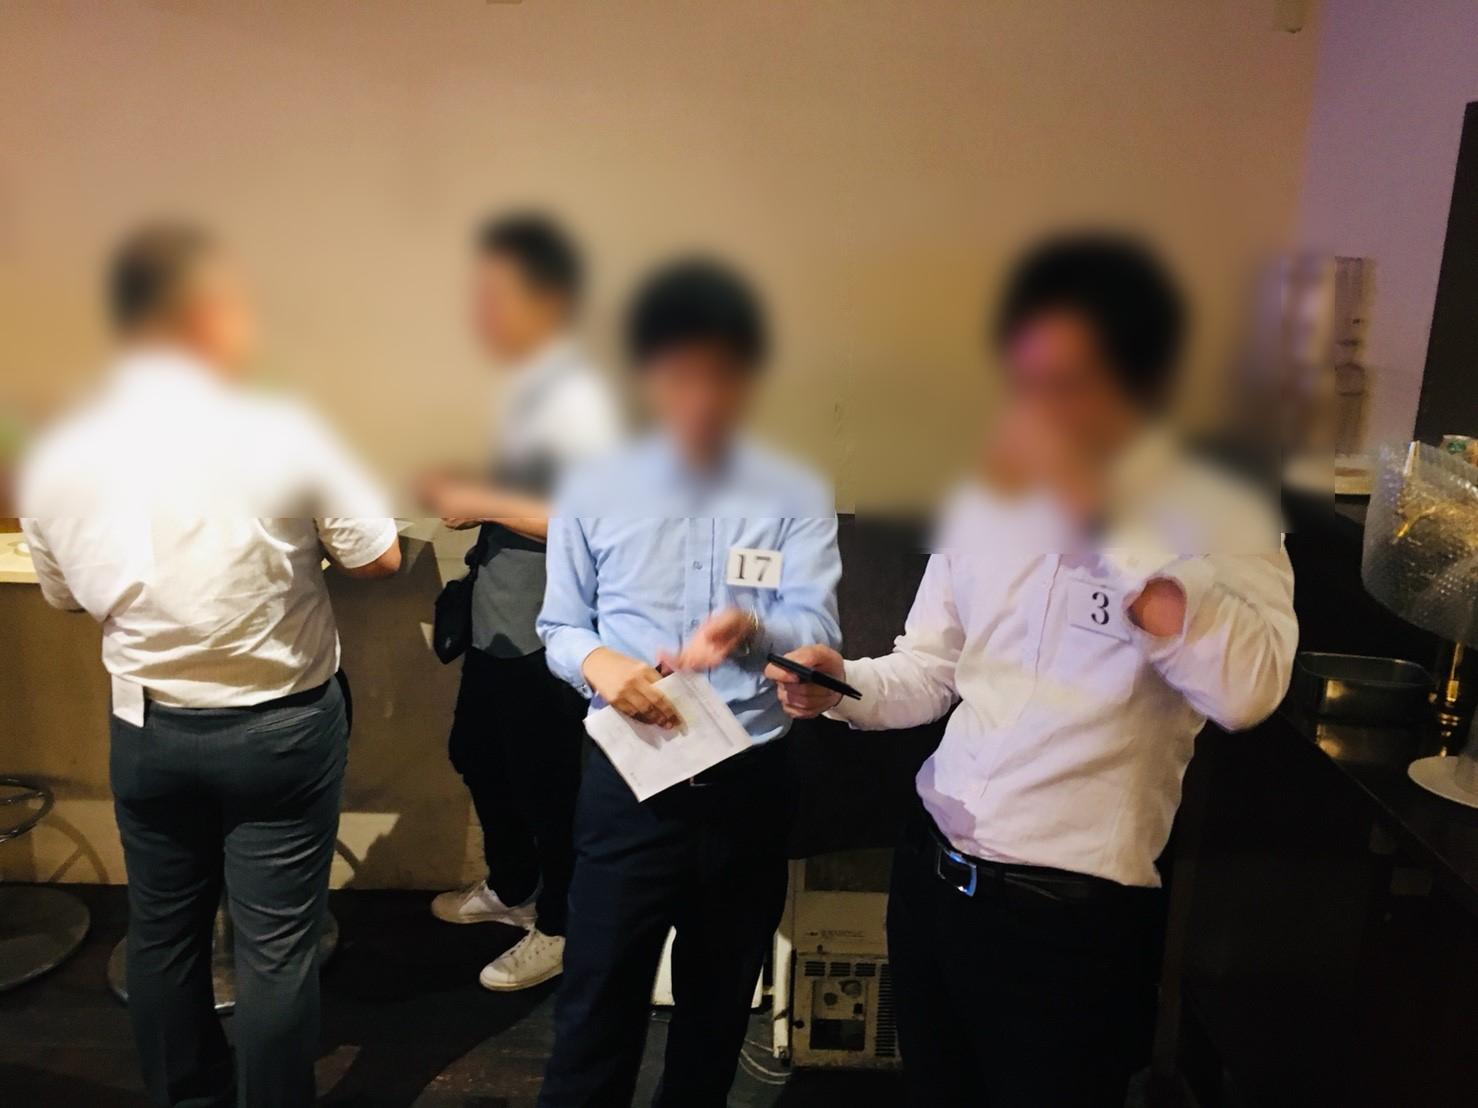 第47回名古屋異業種交流会 当日写真7